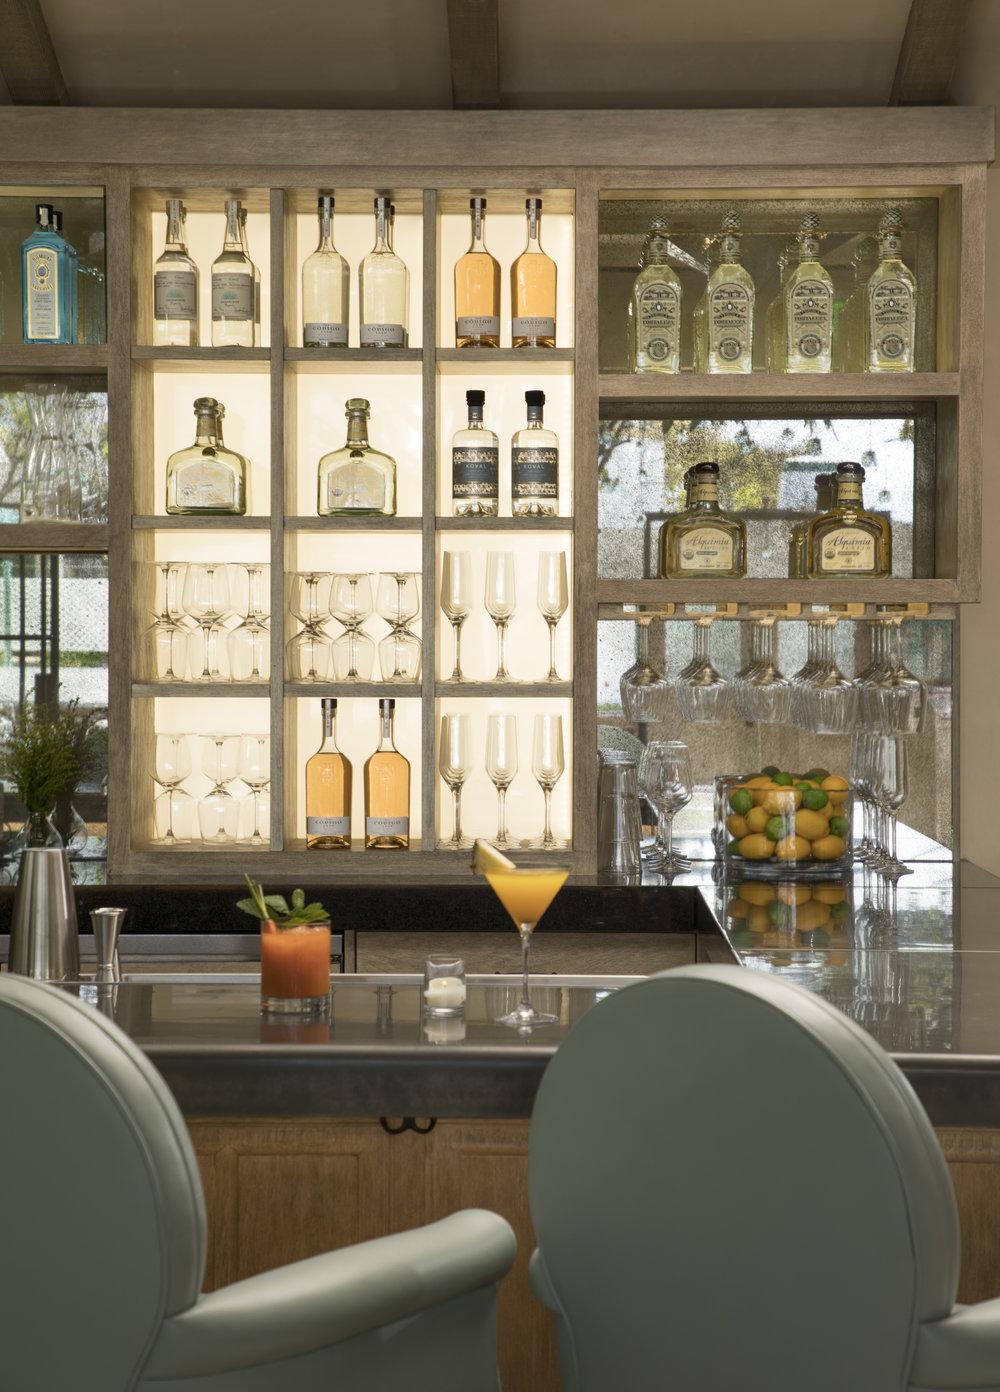 OliversRestaurant_06.jpg